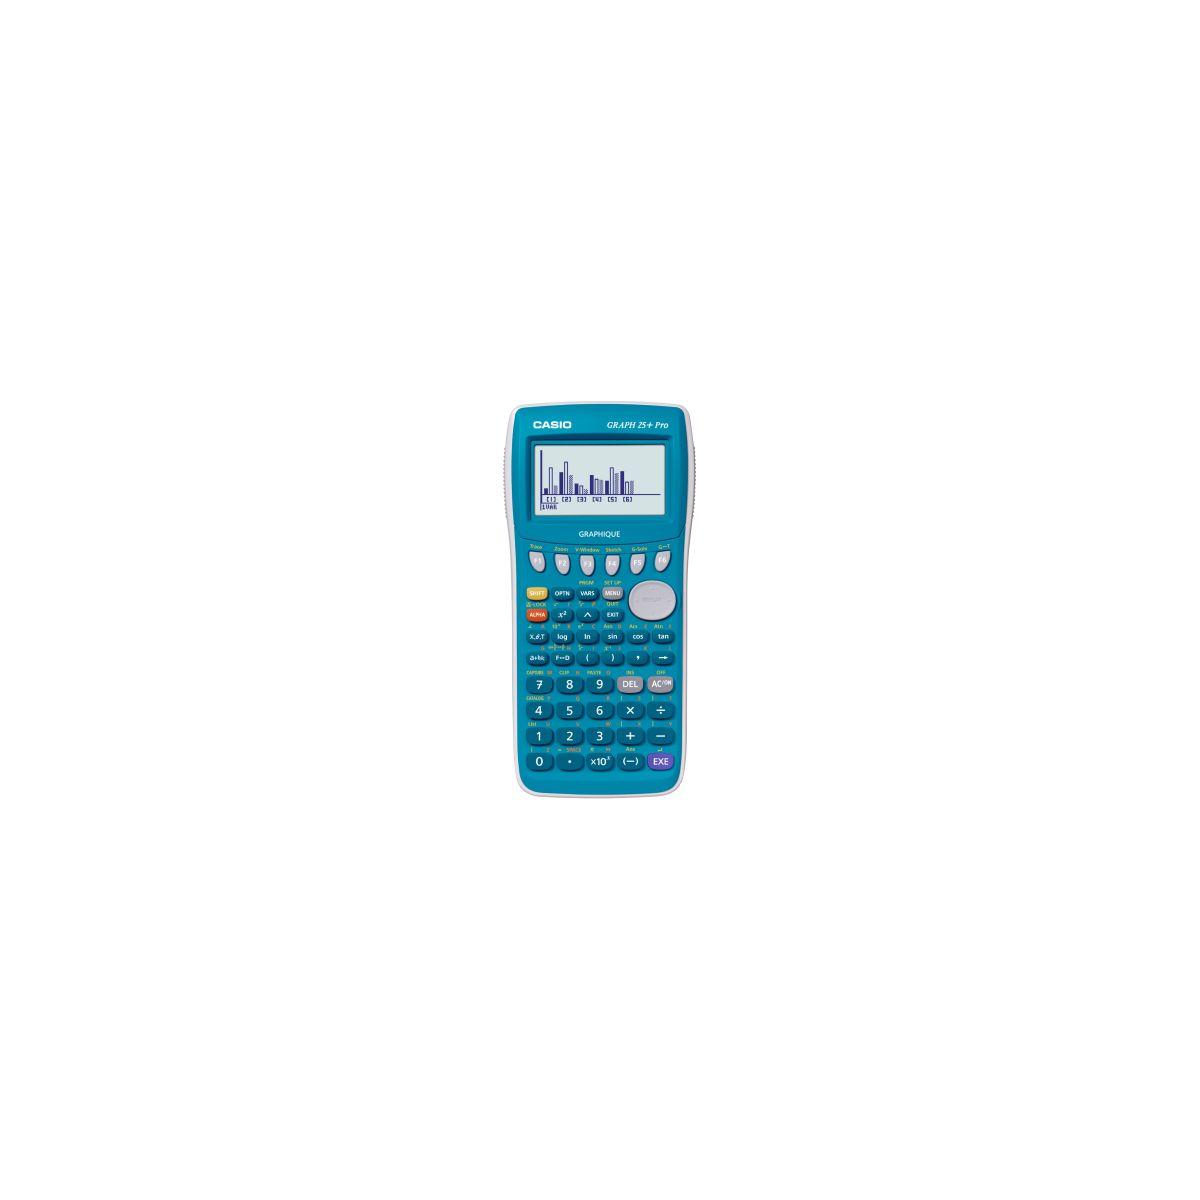 Calculatrice graphique casio graph 25+ e (photo)